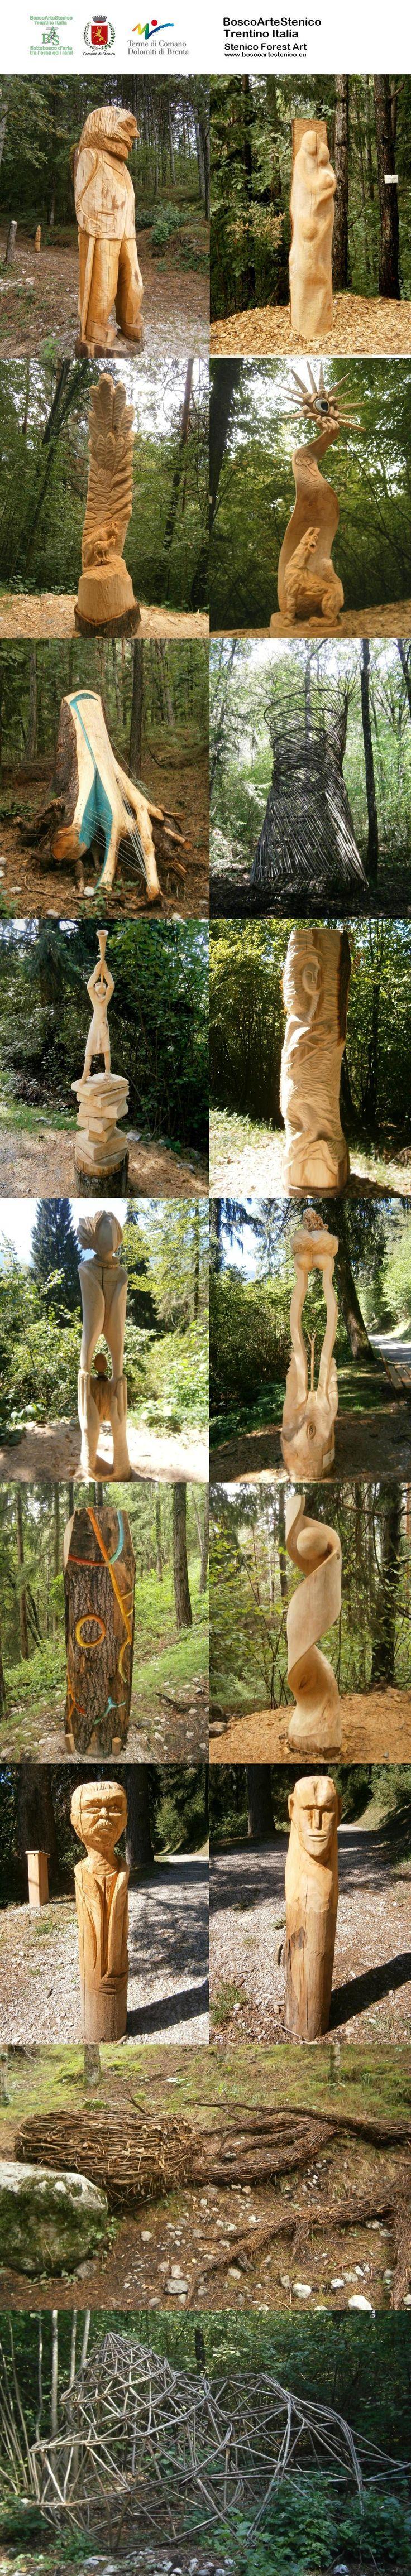 Some of the magnificent wood sculptures on the forest art trail behind Stenico village, Trentino #BoscoArteStenico #sculture #legno #visitacomano